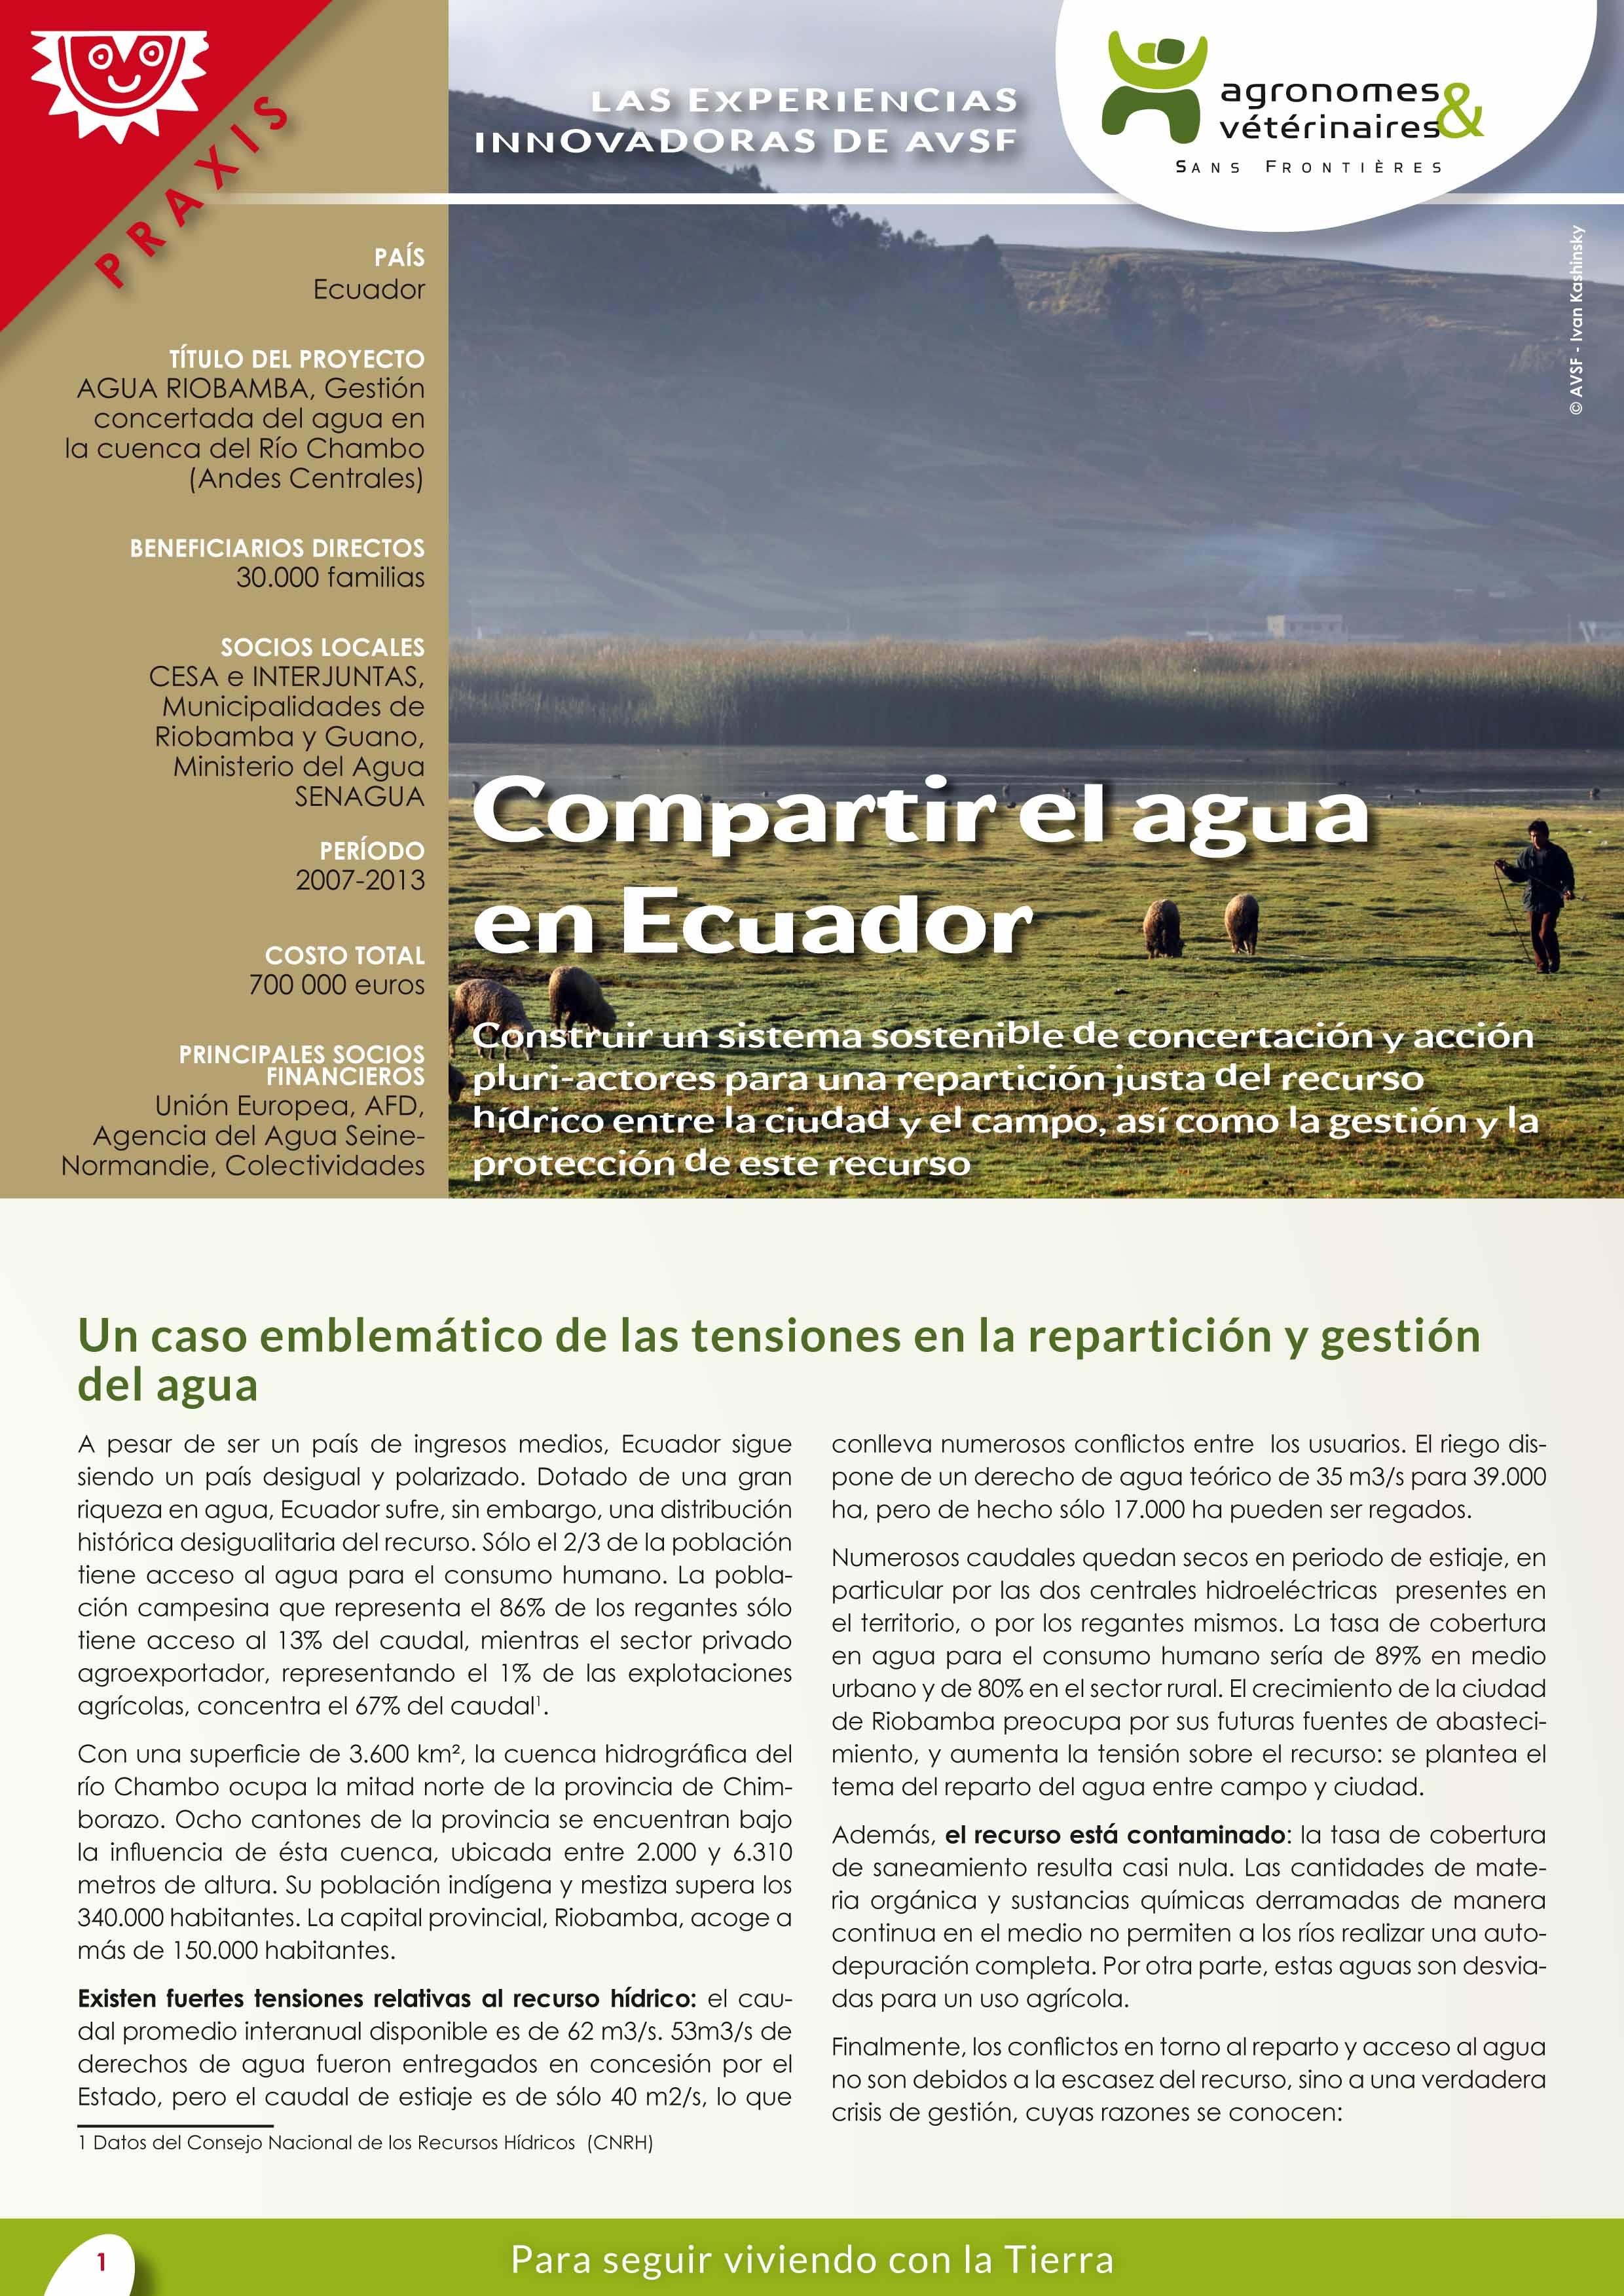 Las experiencias innovadoras de AVSF: Compartir el agua en Ecuador Image principale